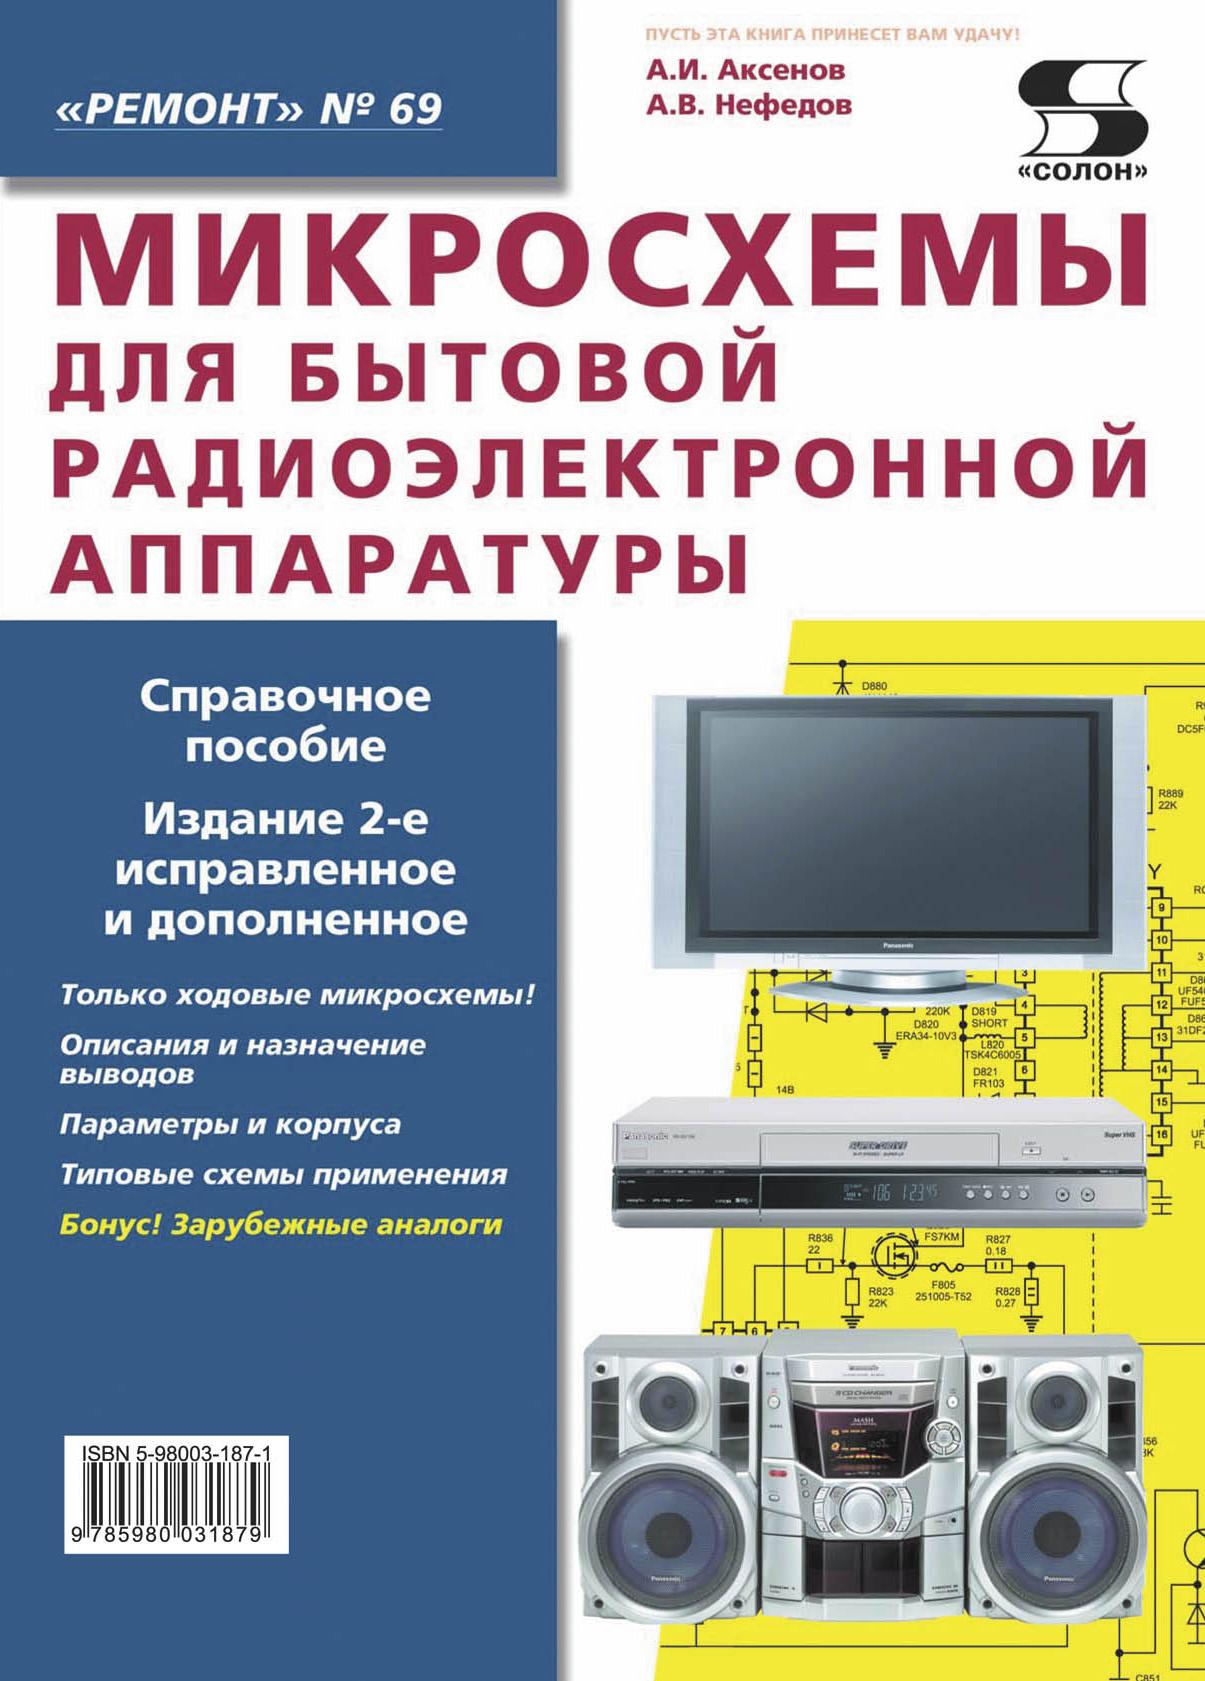 А. В. Нефедов Микросхемы для бытовой радиоэлектронной аппаратуры